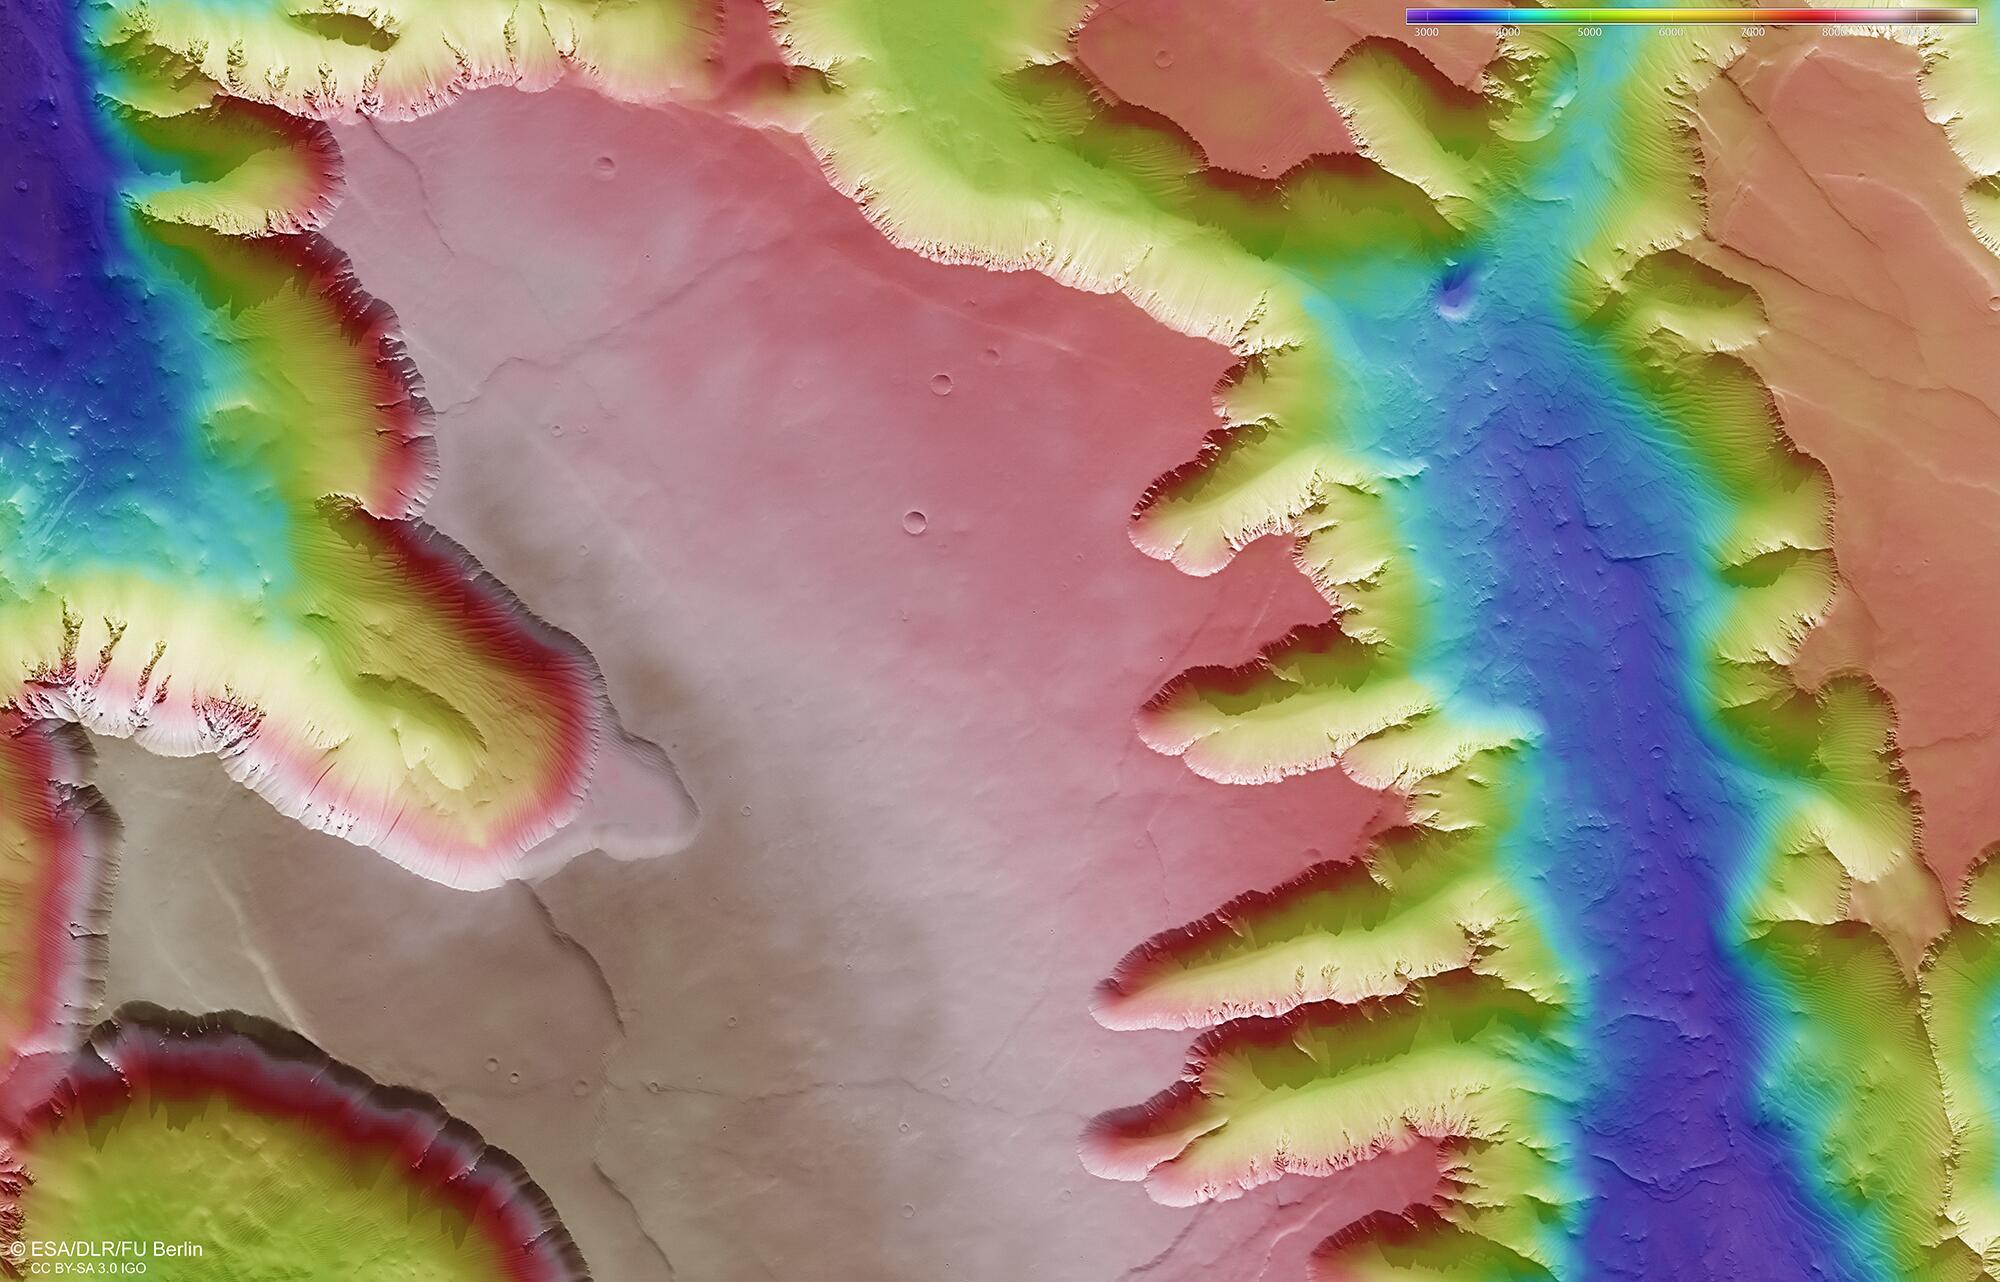 Bild zu Noctis Labyrinthus Region des Mars